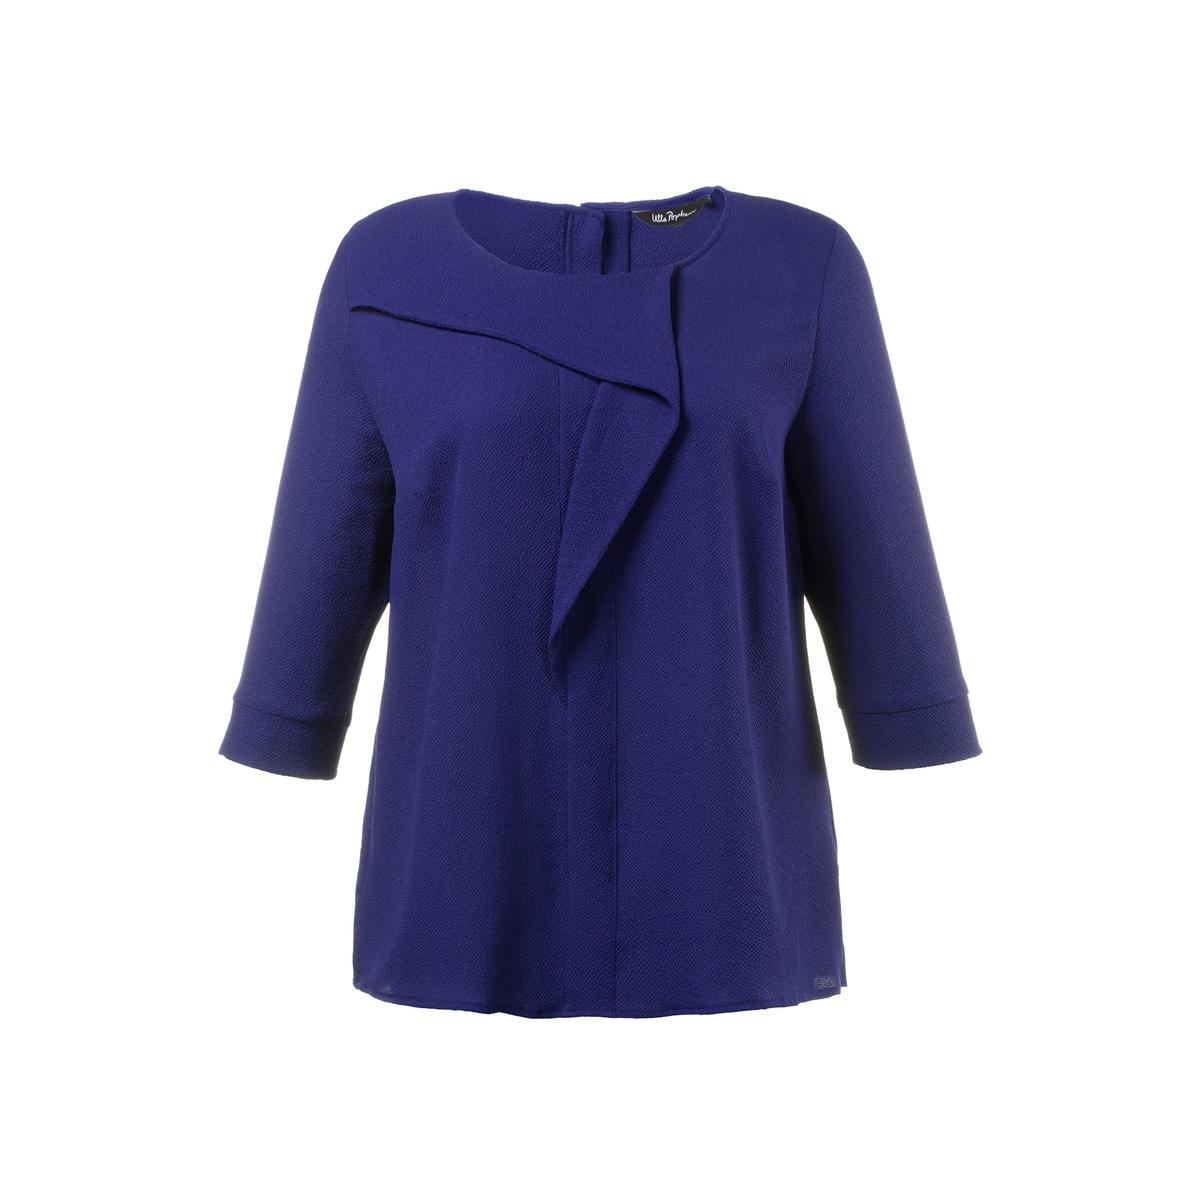 БлузкаБлузка из тонкой ткани, изящная драпировка спереди. Закругленный вырез, планка застежки на пуговицы сзади. Рукава 3/4 с разрезами. Длина в зависимости от размера. 68-78 см.<br><br>Цвет: синий<br>Размер: 52/54 (FR) - 58/60 (RUS)